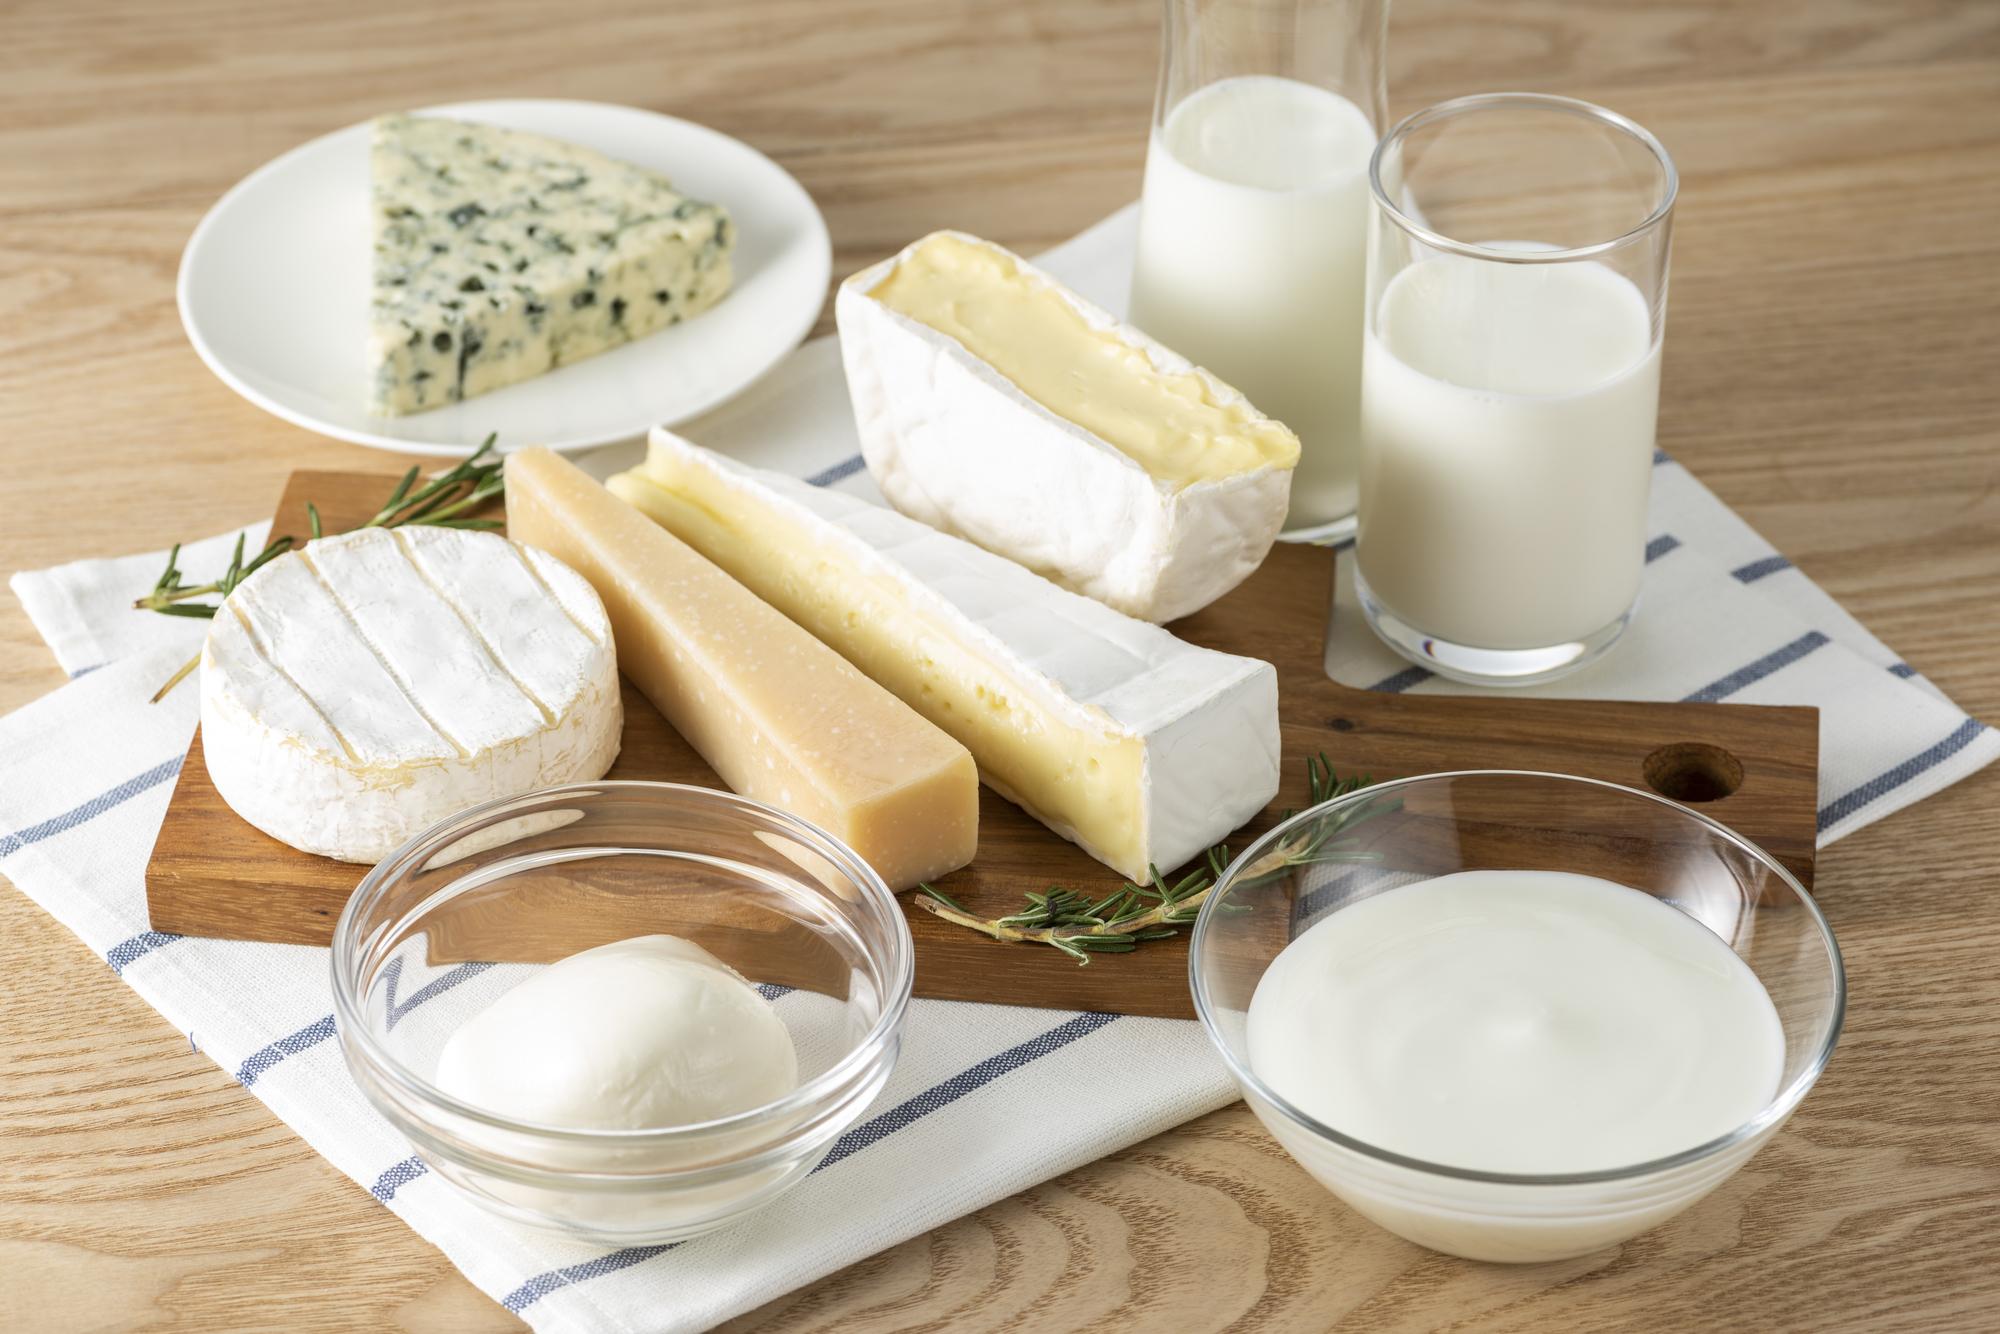 乳製品のイメージ